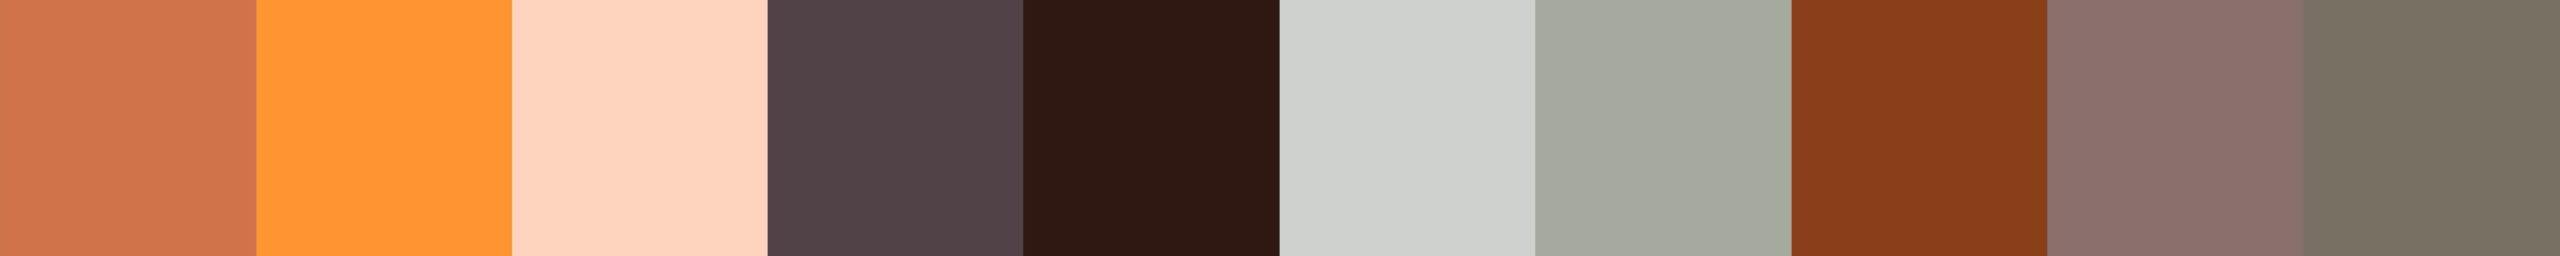 463 Volibia Color Palette